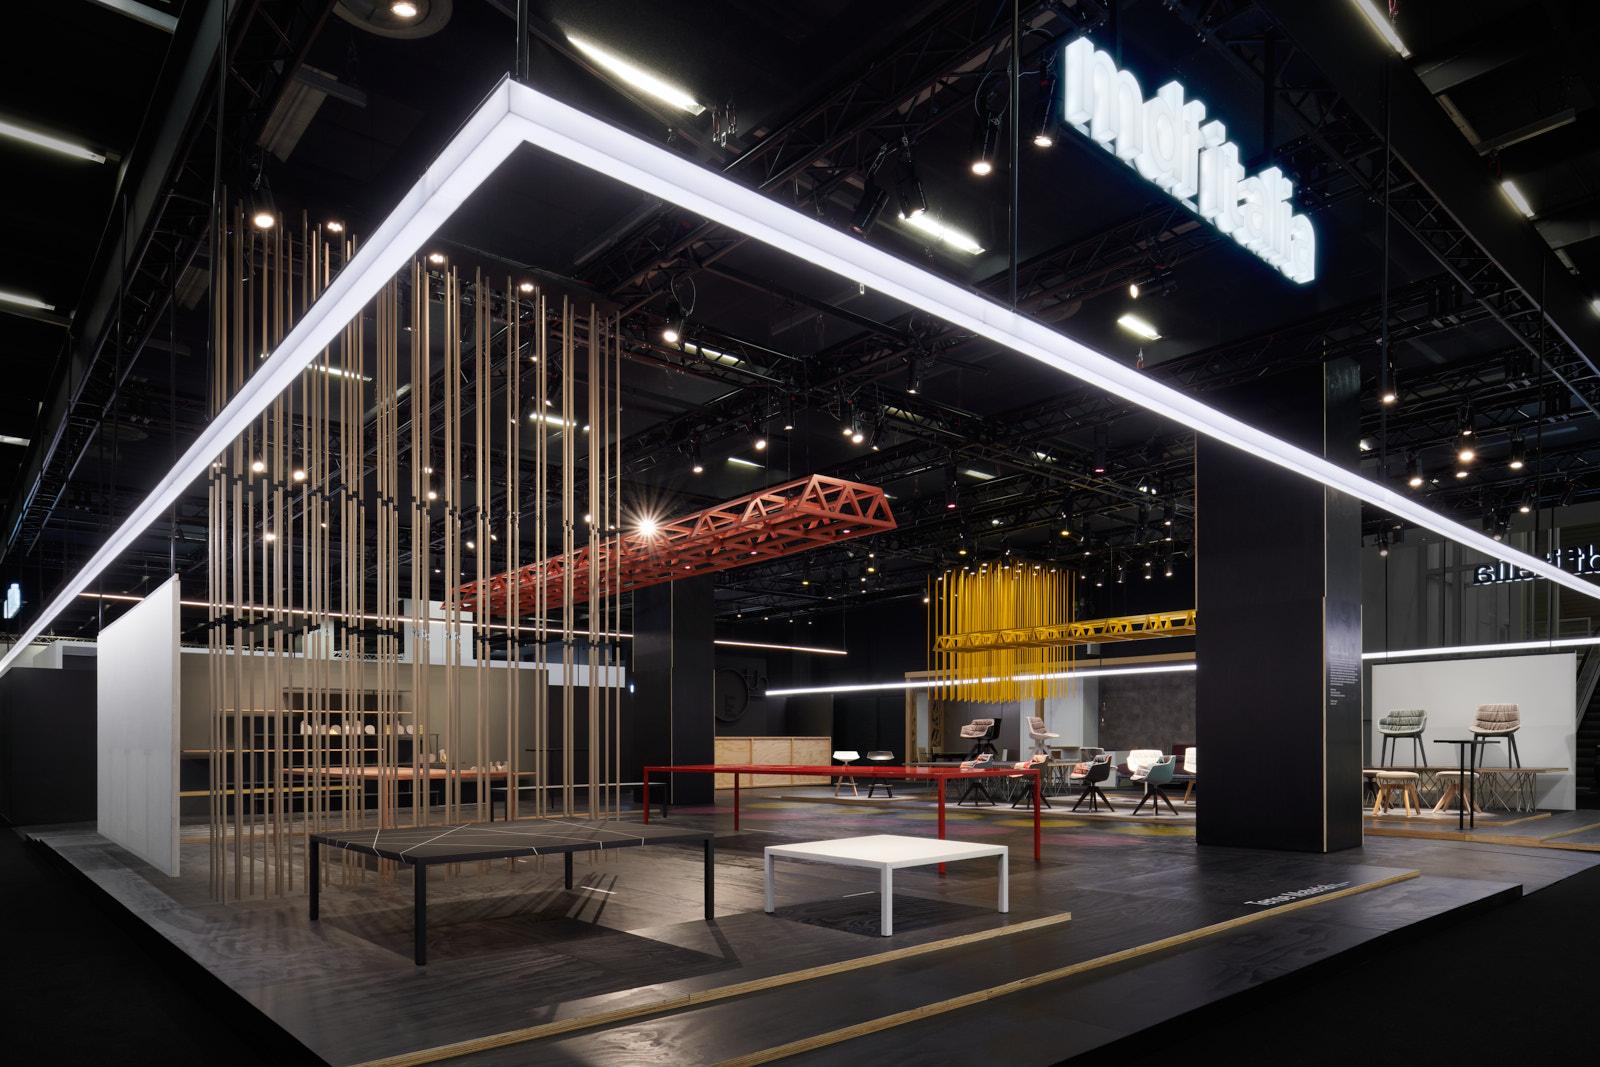 Copertina MDFitalia IMM Colonia 2019 | LCBstudio